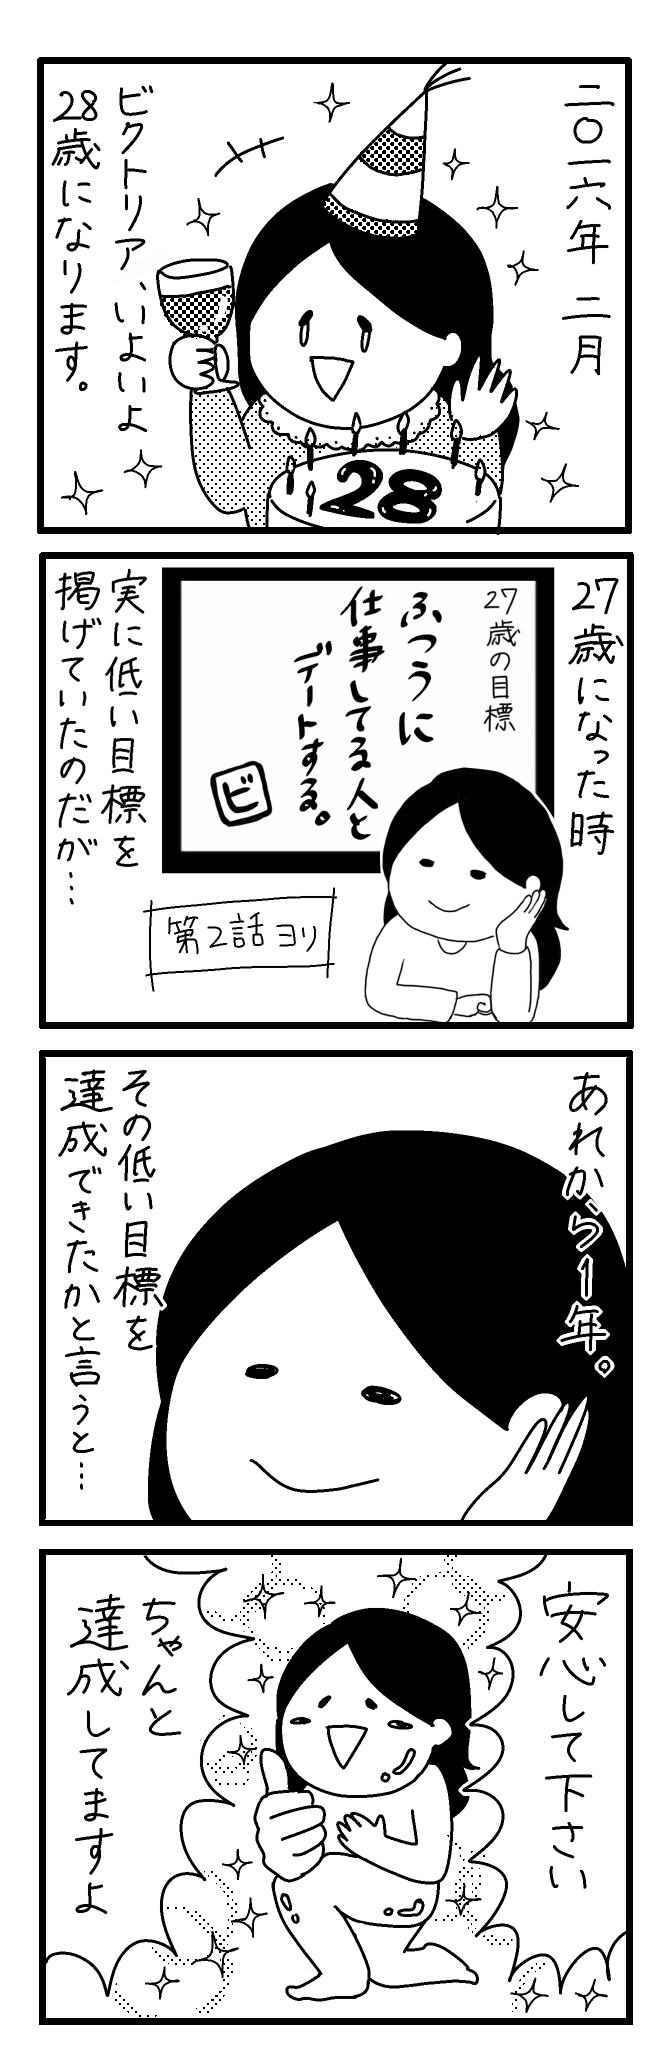 【4コマ漫画】第29回「ビクトリアな日々」作:ビクトリアブラディーヌ